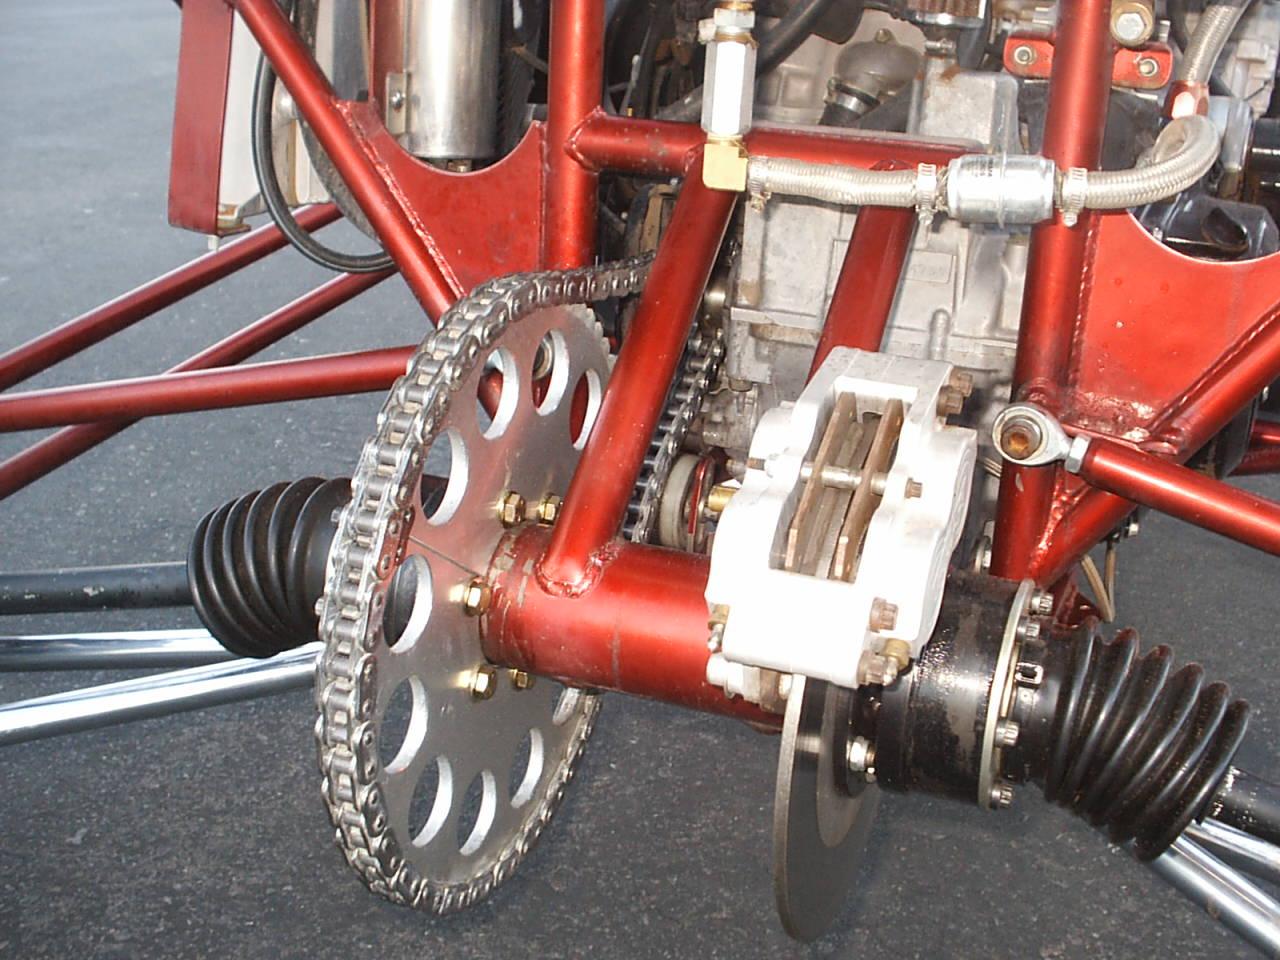 Short sand car build live axle question - Sandrail Talk - Dumont